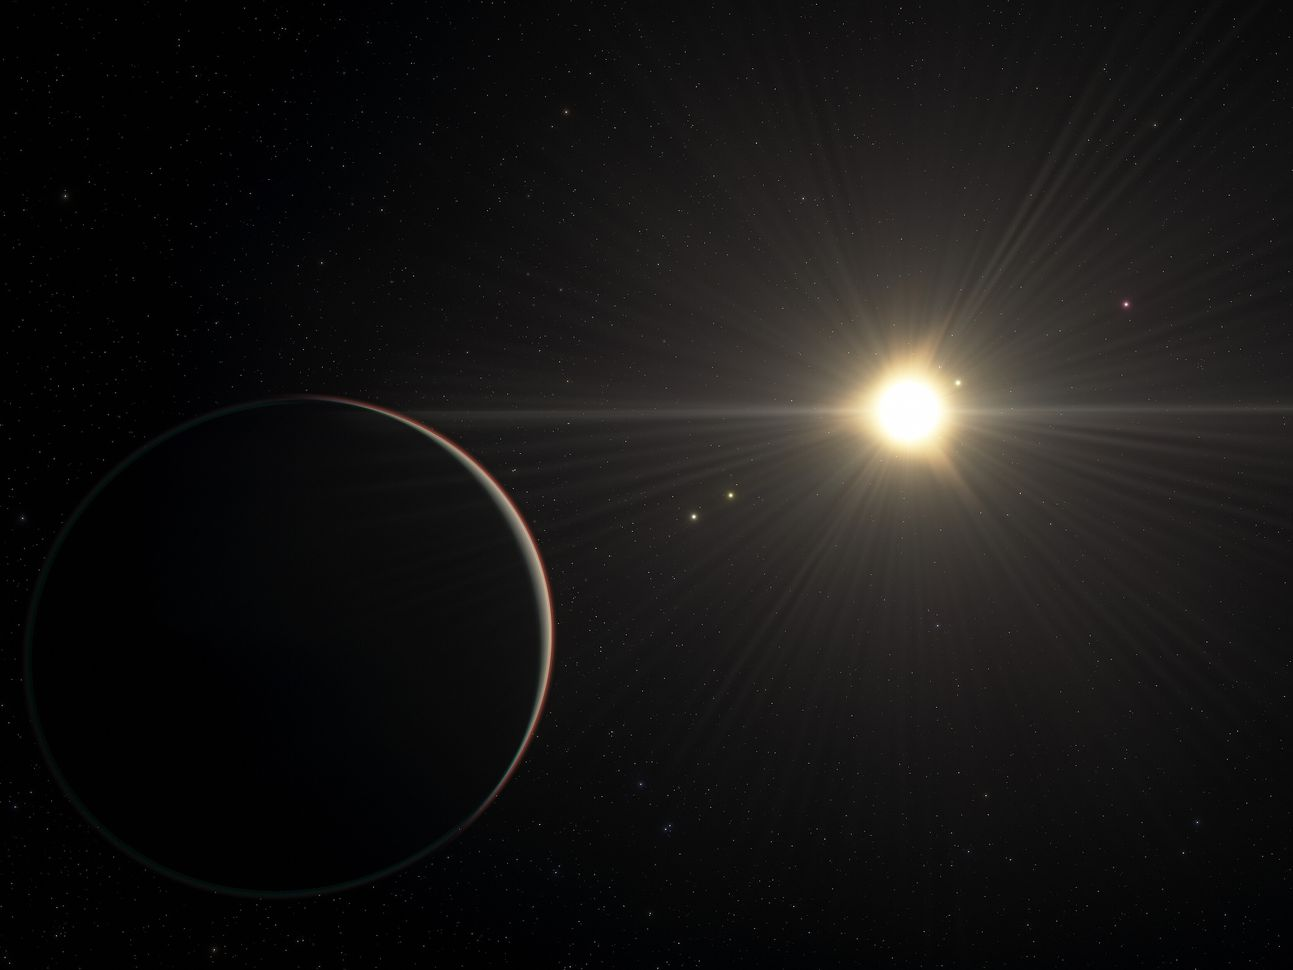 نظام كوكبي بعيد تدور فيه 6 كواكب حول نجمه بإيقاع مثالي